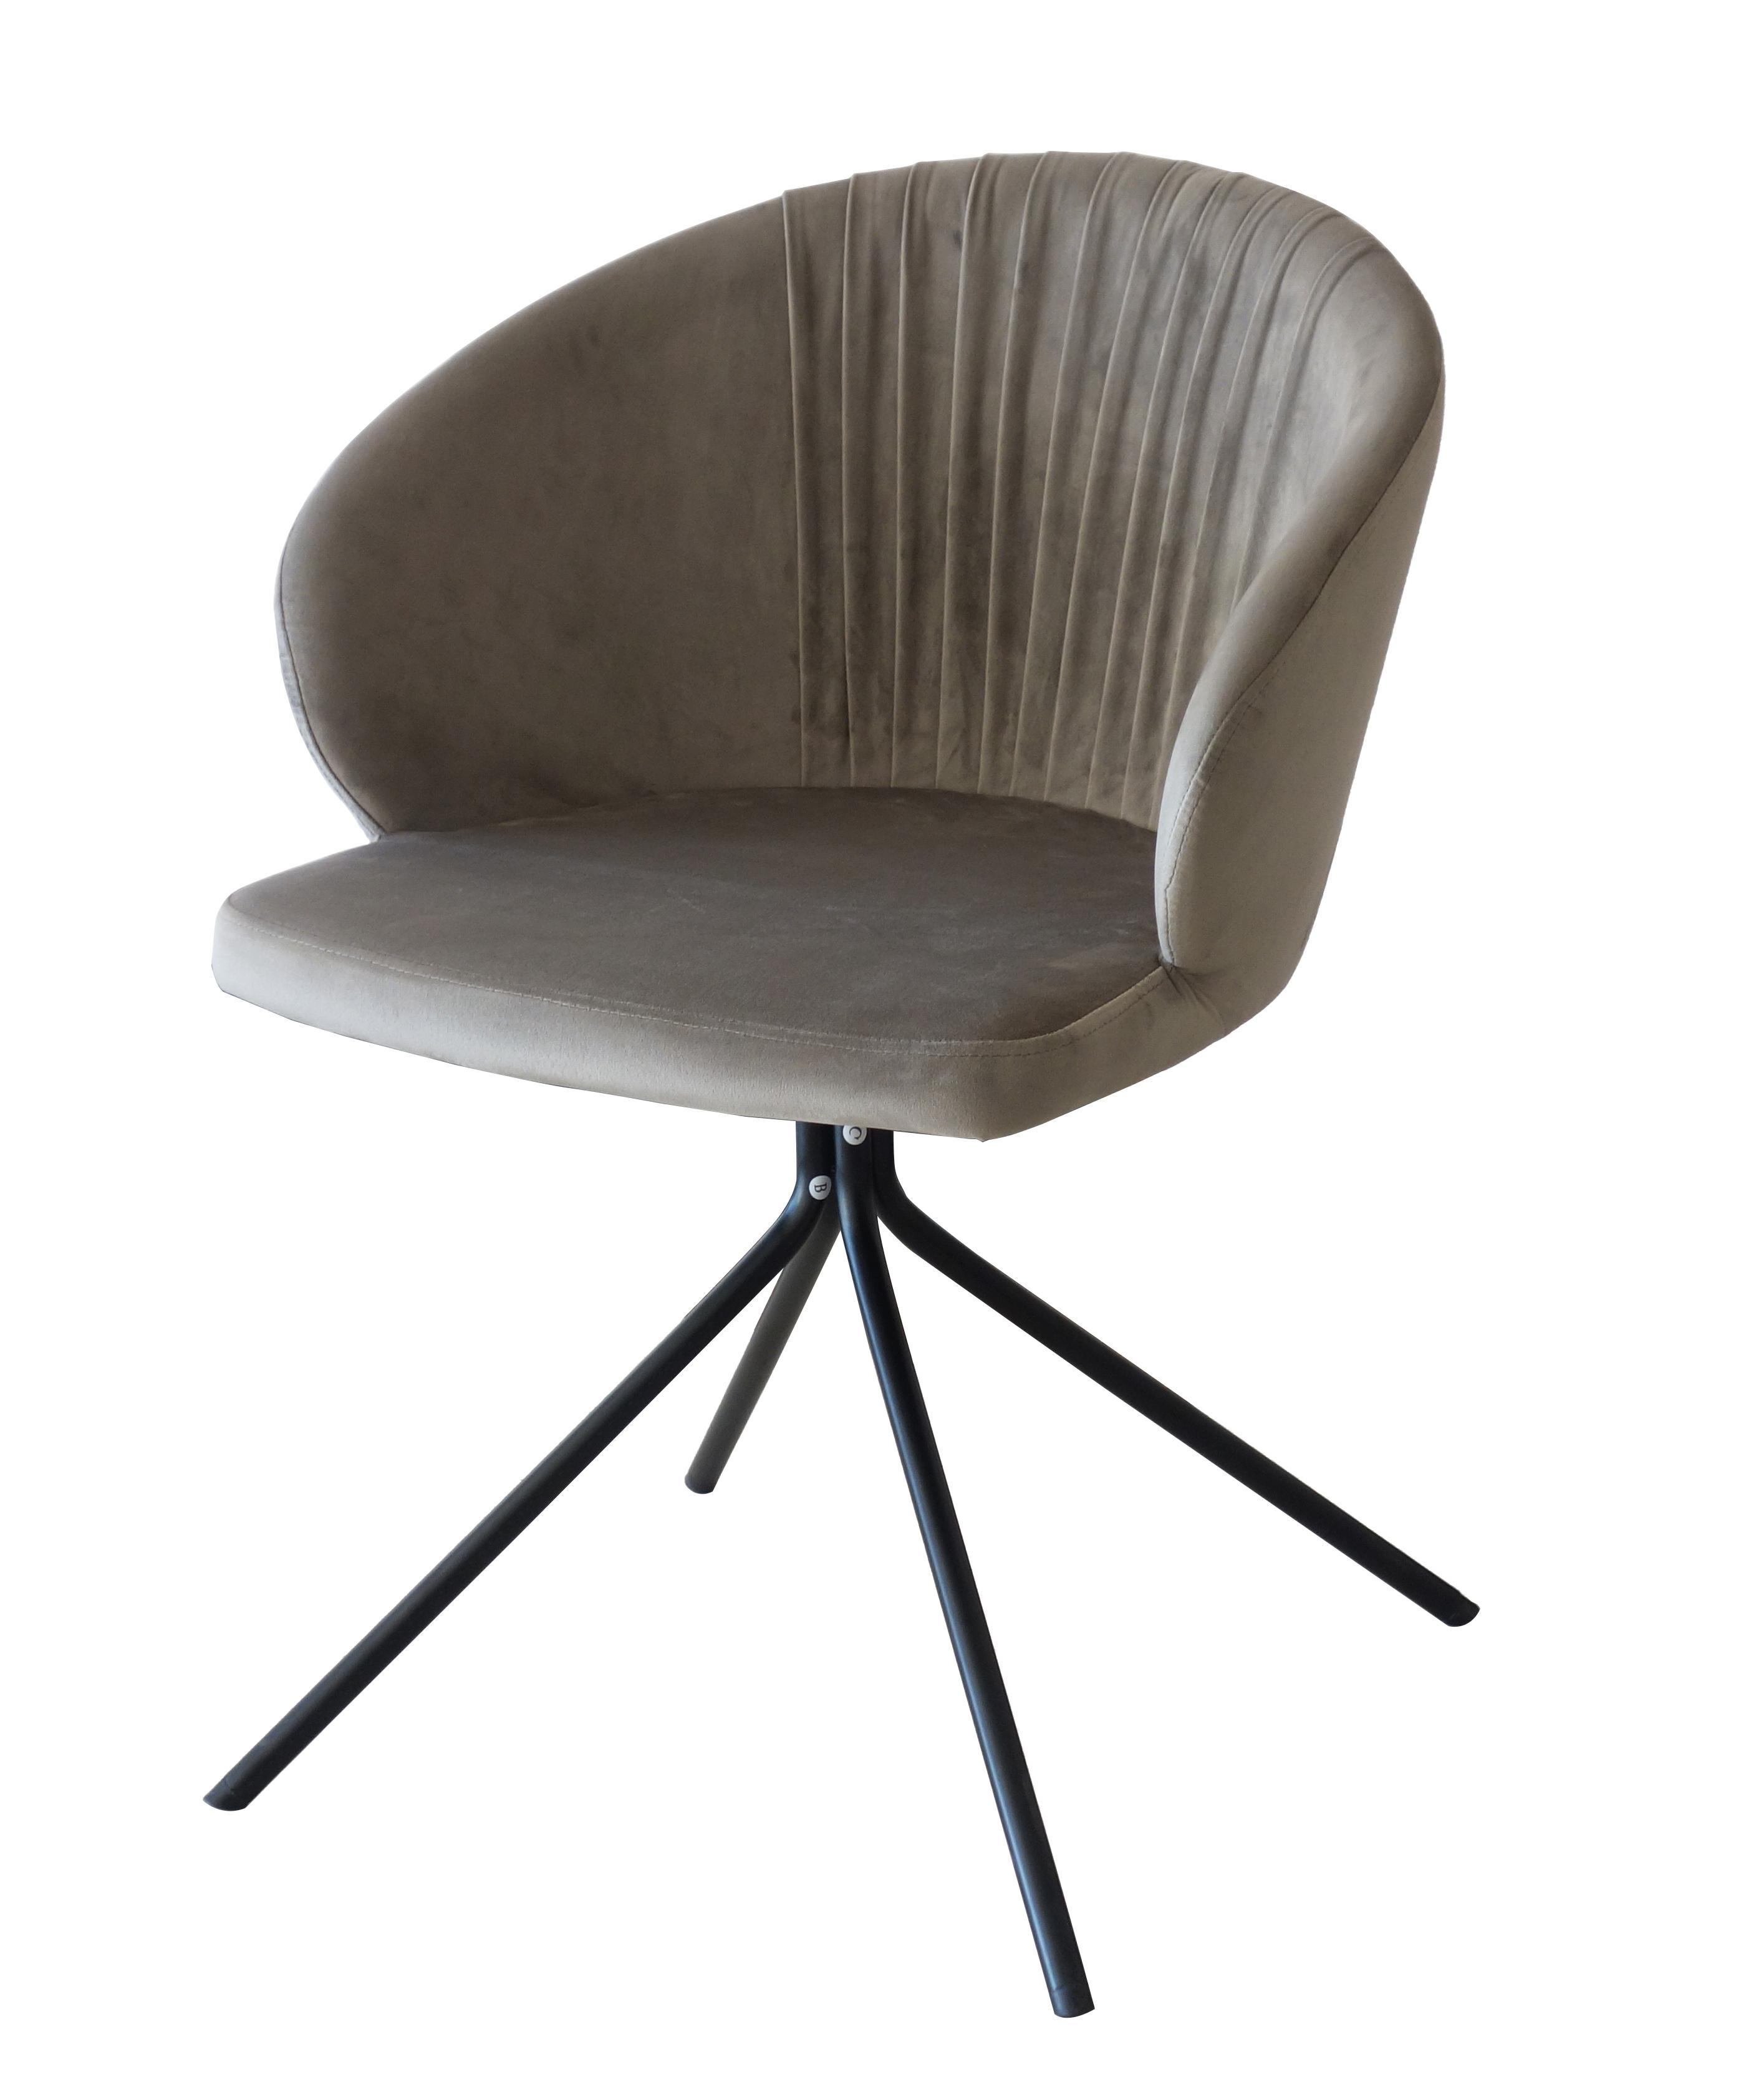 Стул Bradex Home FR 0248 Verona Round, табачно-серый